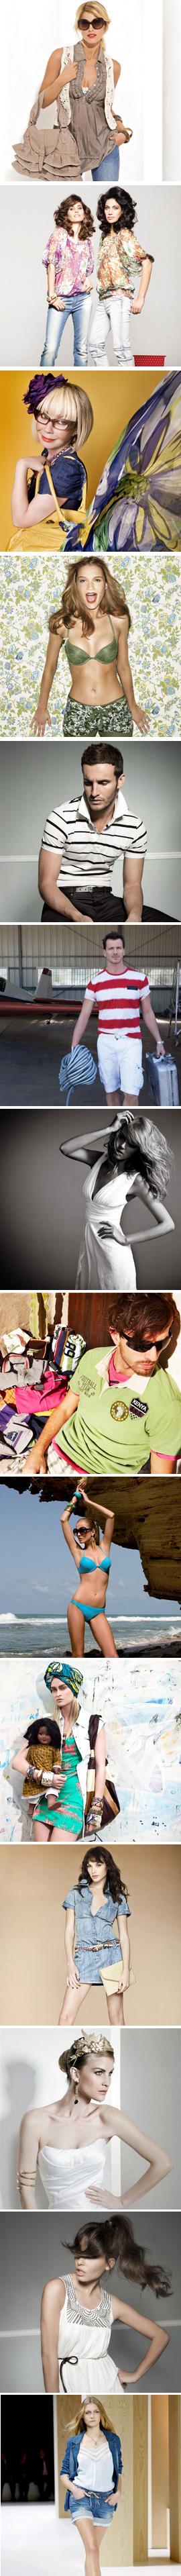 סוף עונה - מבצעי אופנה קיץ 2010 - גולברי, ג'אמפ, דורית שדה, וומן סיקרט, זיפ, ML MEN,  דפנה לוינסון,  המשביר לצרכן, אפרודיטה, Twentyfourseven, קסטרו,  אאוטלט שמלות כלה מעצבים, ZIP, מנגו